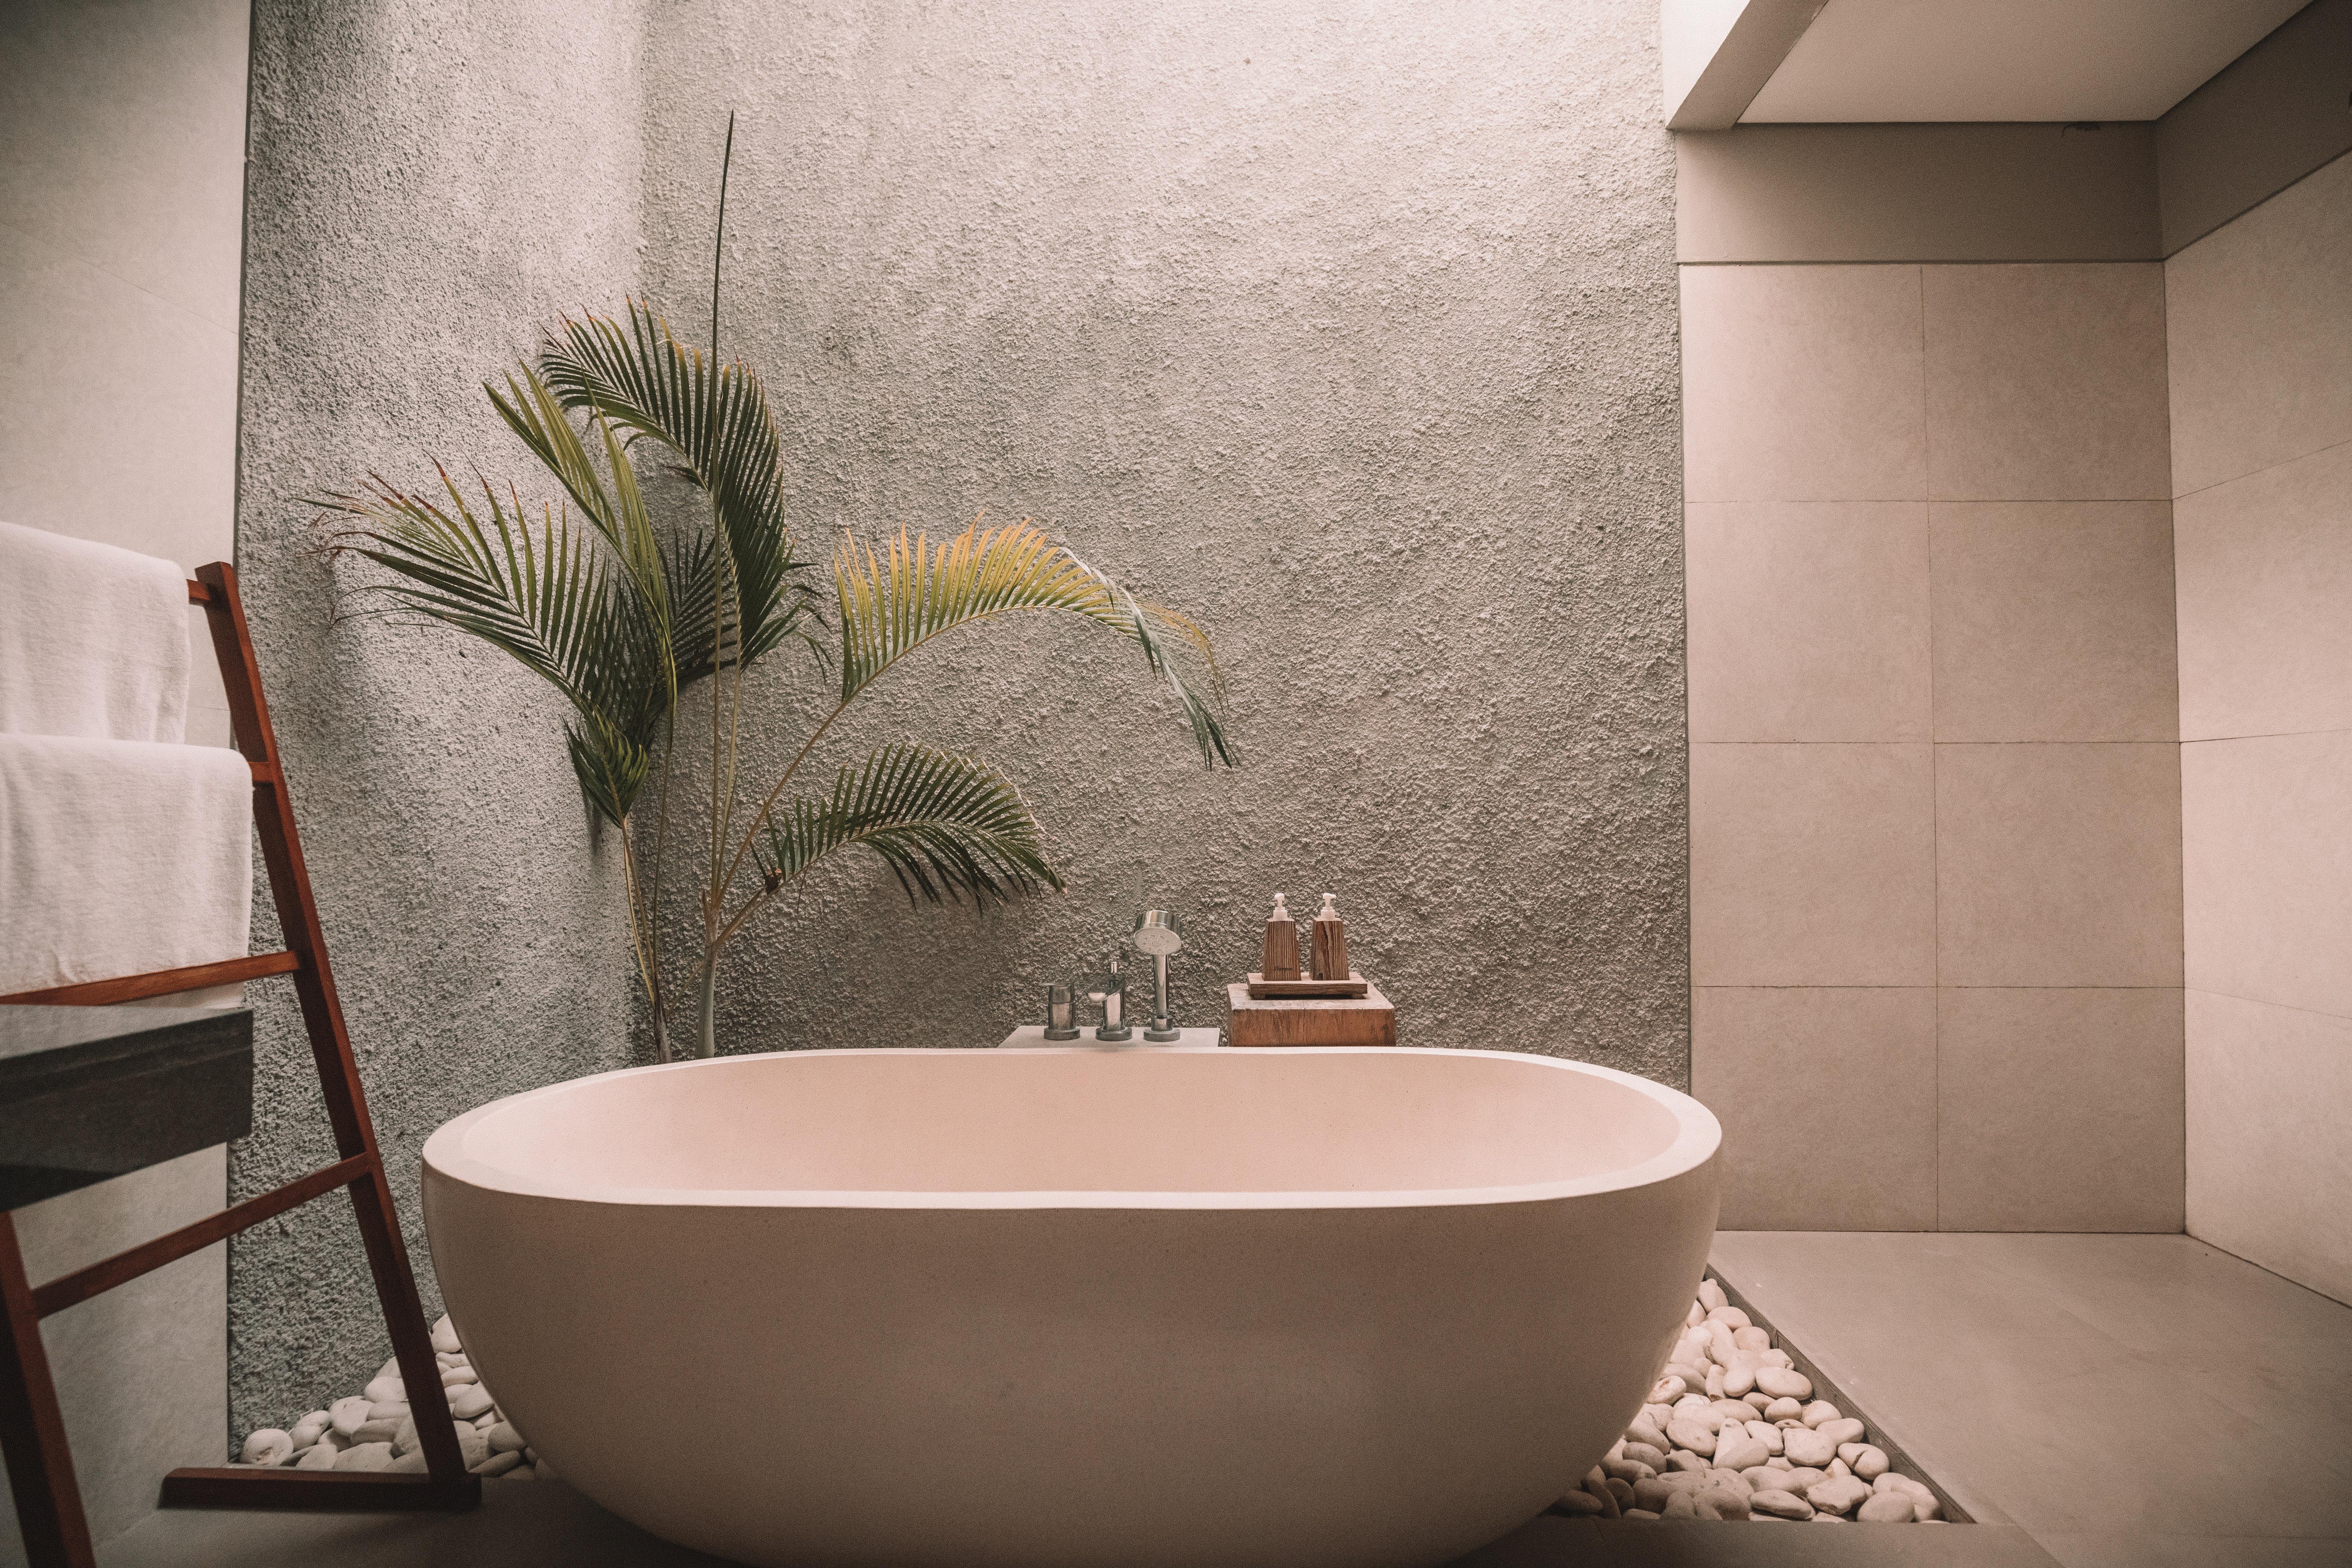 Vasca Da Bagno Ceramica Esiste Ancora : Idee per un bagno di tendenza arredativo design magazine